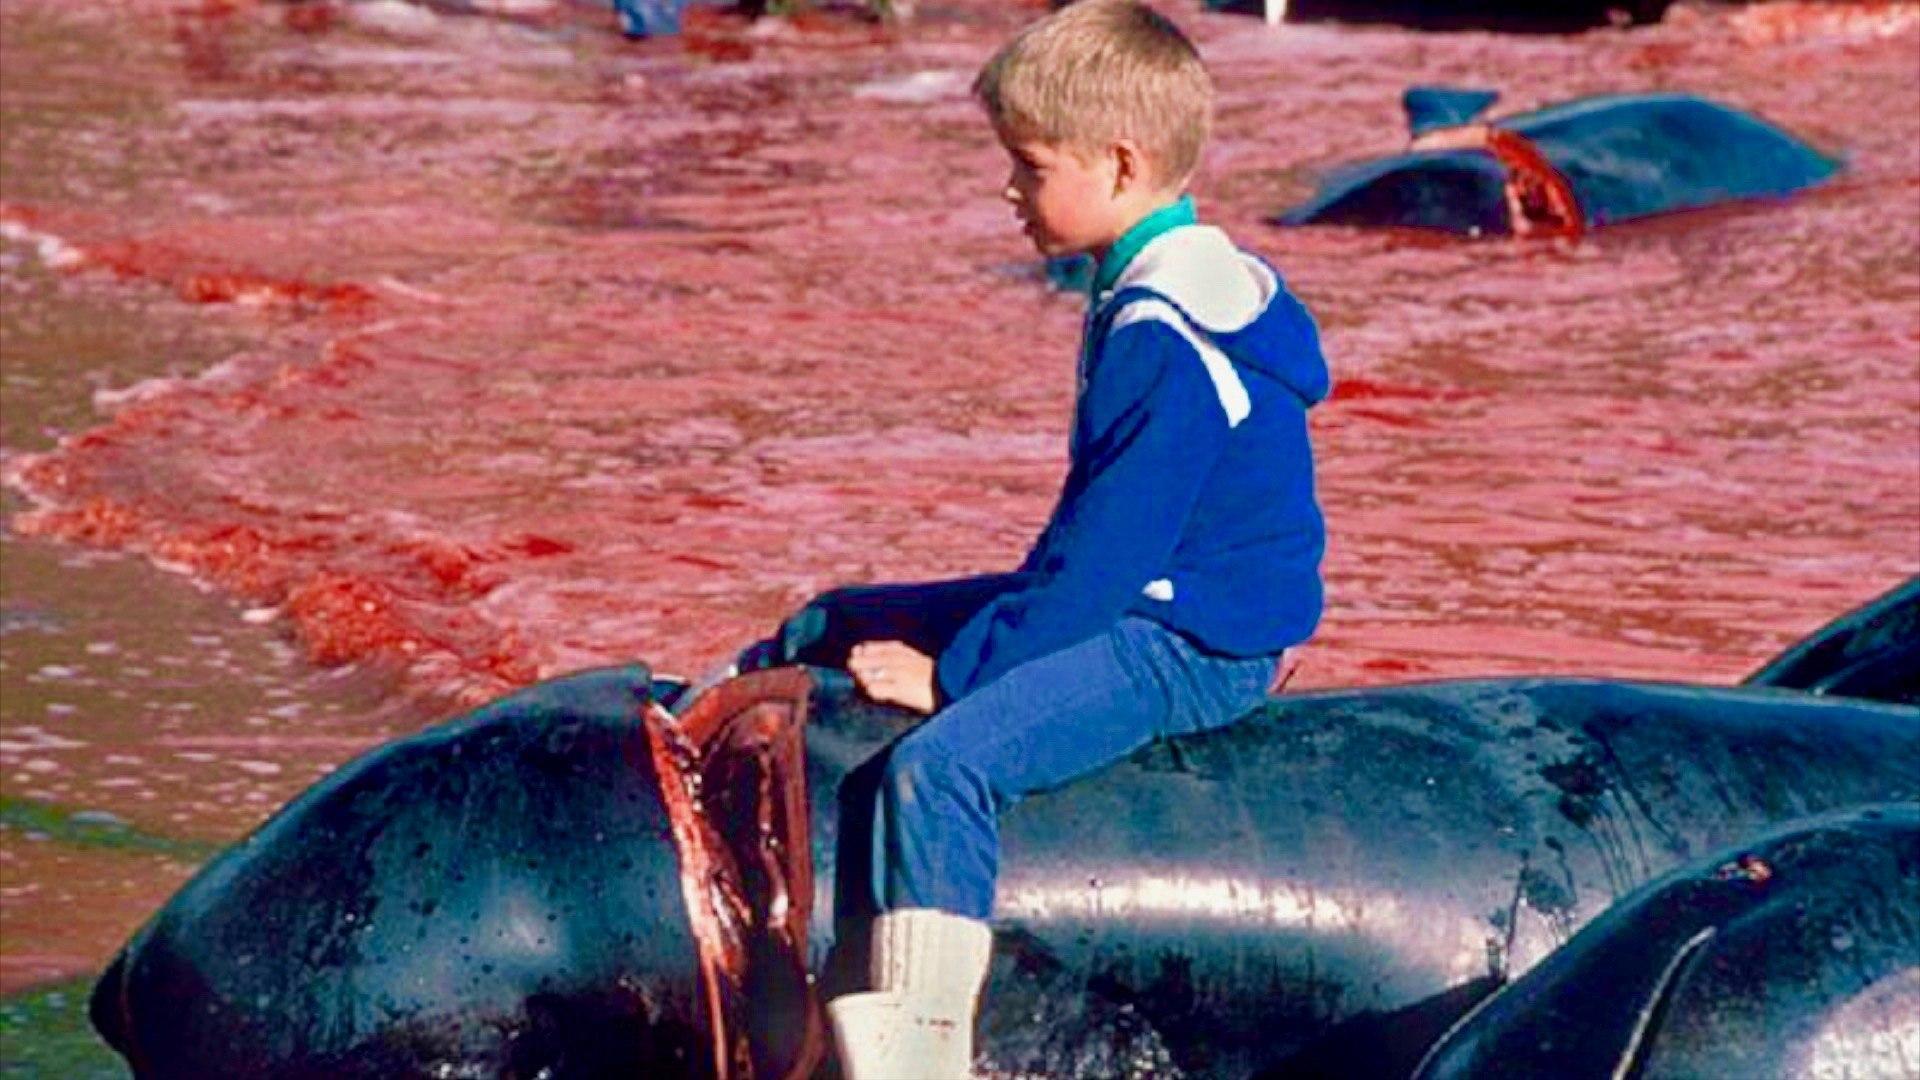 Isole Faroe: la vergognosa mattanza delle balene, 175 uccise in due giorni